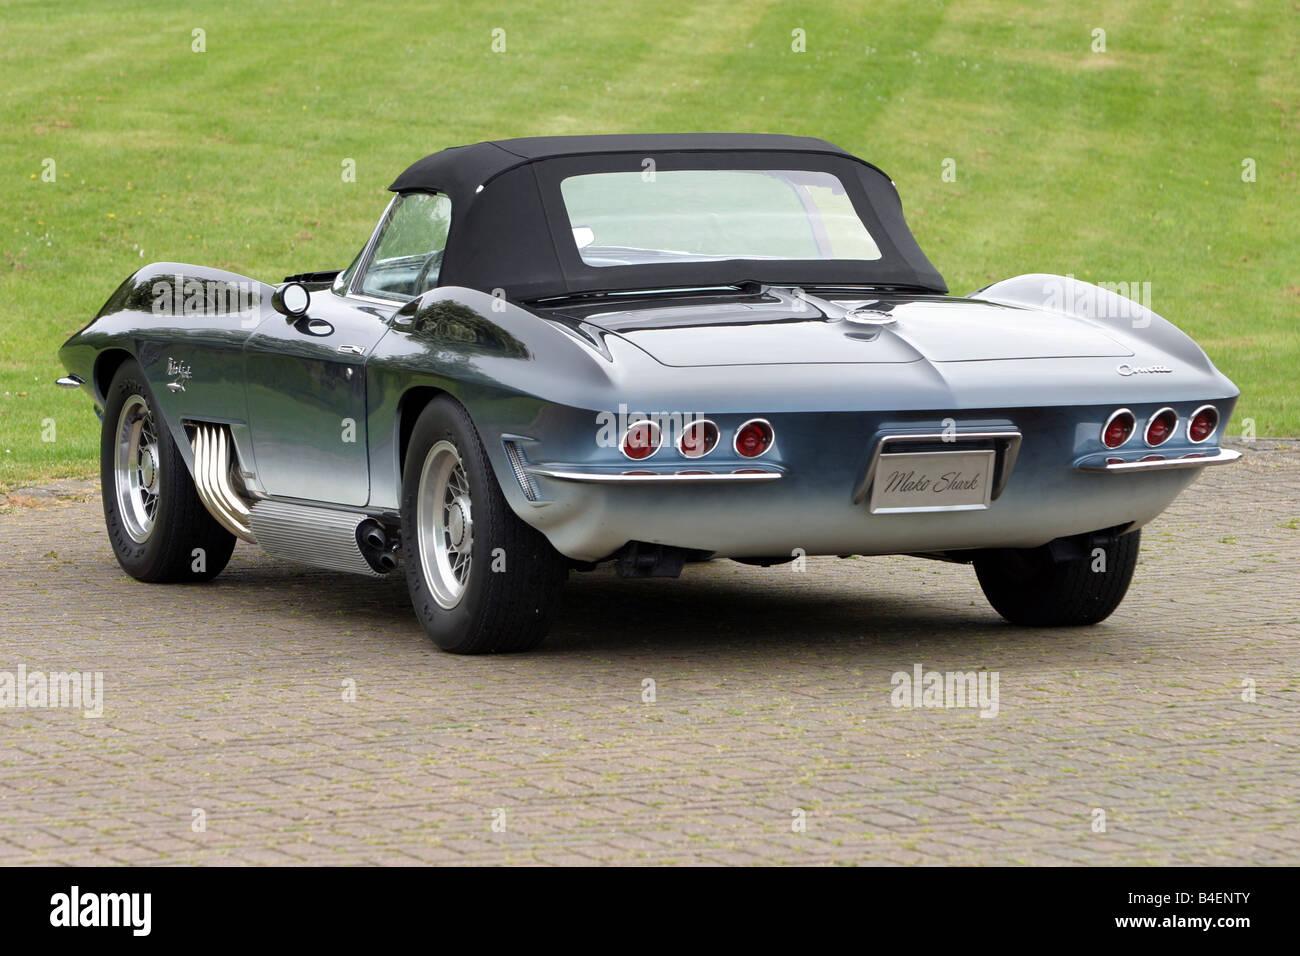 voiture chevrolet corvette mako shark l 39 ann e de mod le 1961 cabriolet voiture d 39 poque. Black Bedroom Furniture Sets. Home Design Ideas